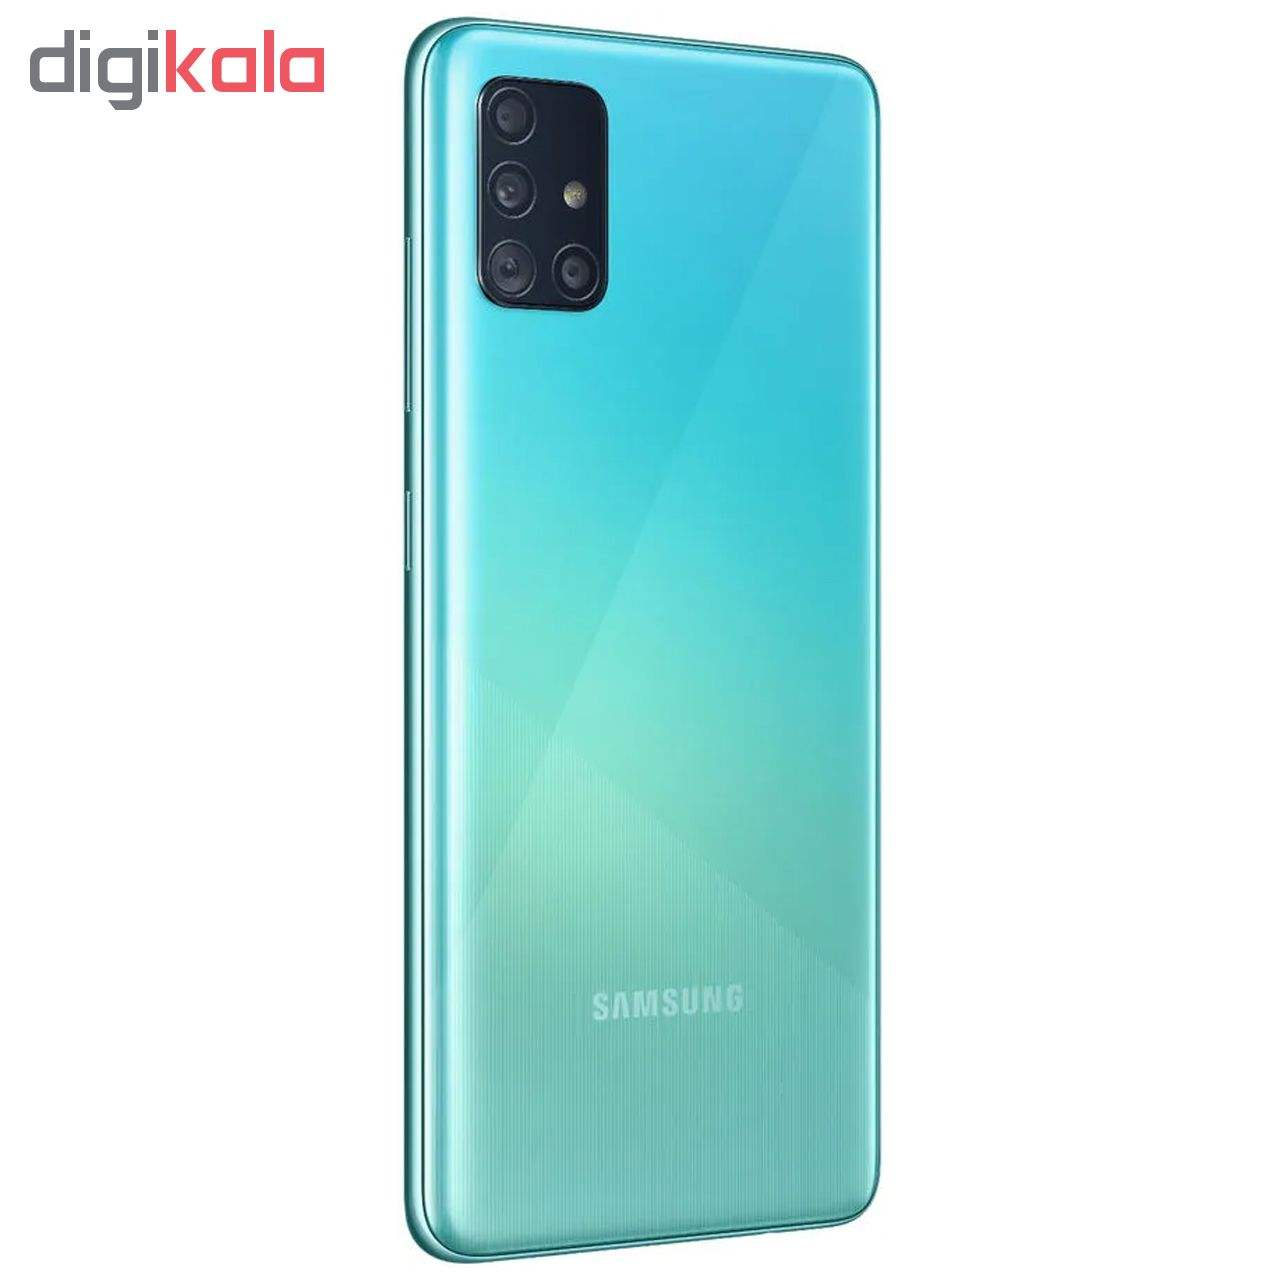 گوشی موبایل سامسونگ مدل Galaxy A51 SM-A515F/DSN دو سیم کارت ظرفیت 128گیگابایت main 1 10